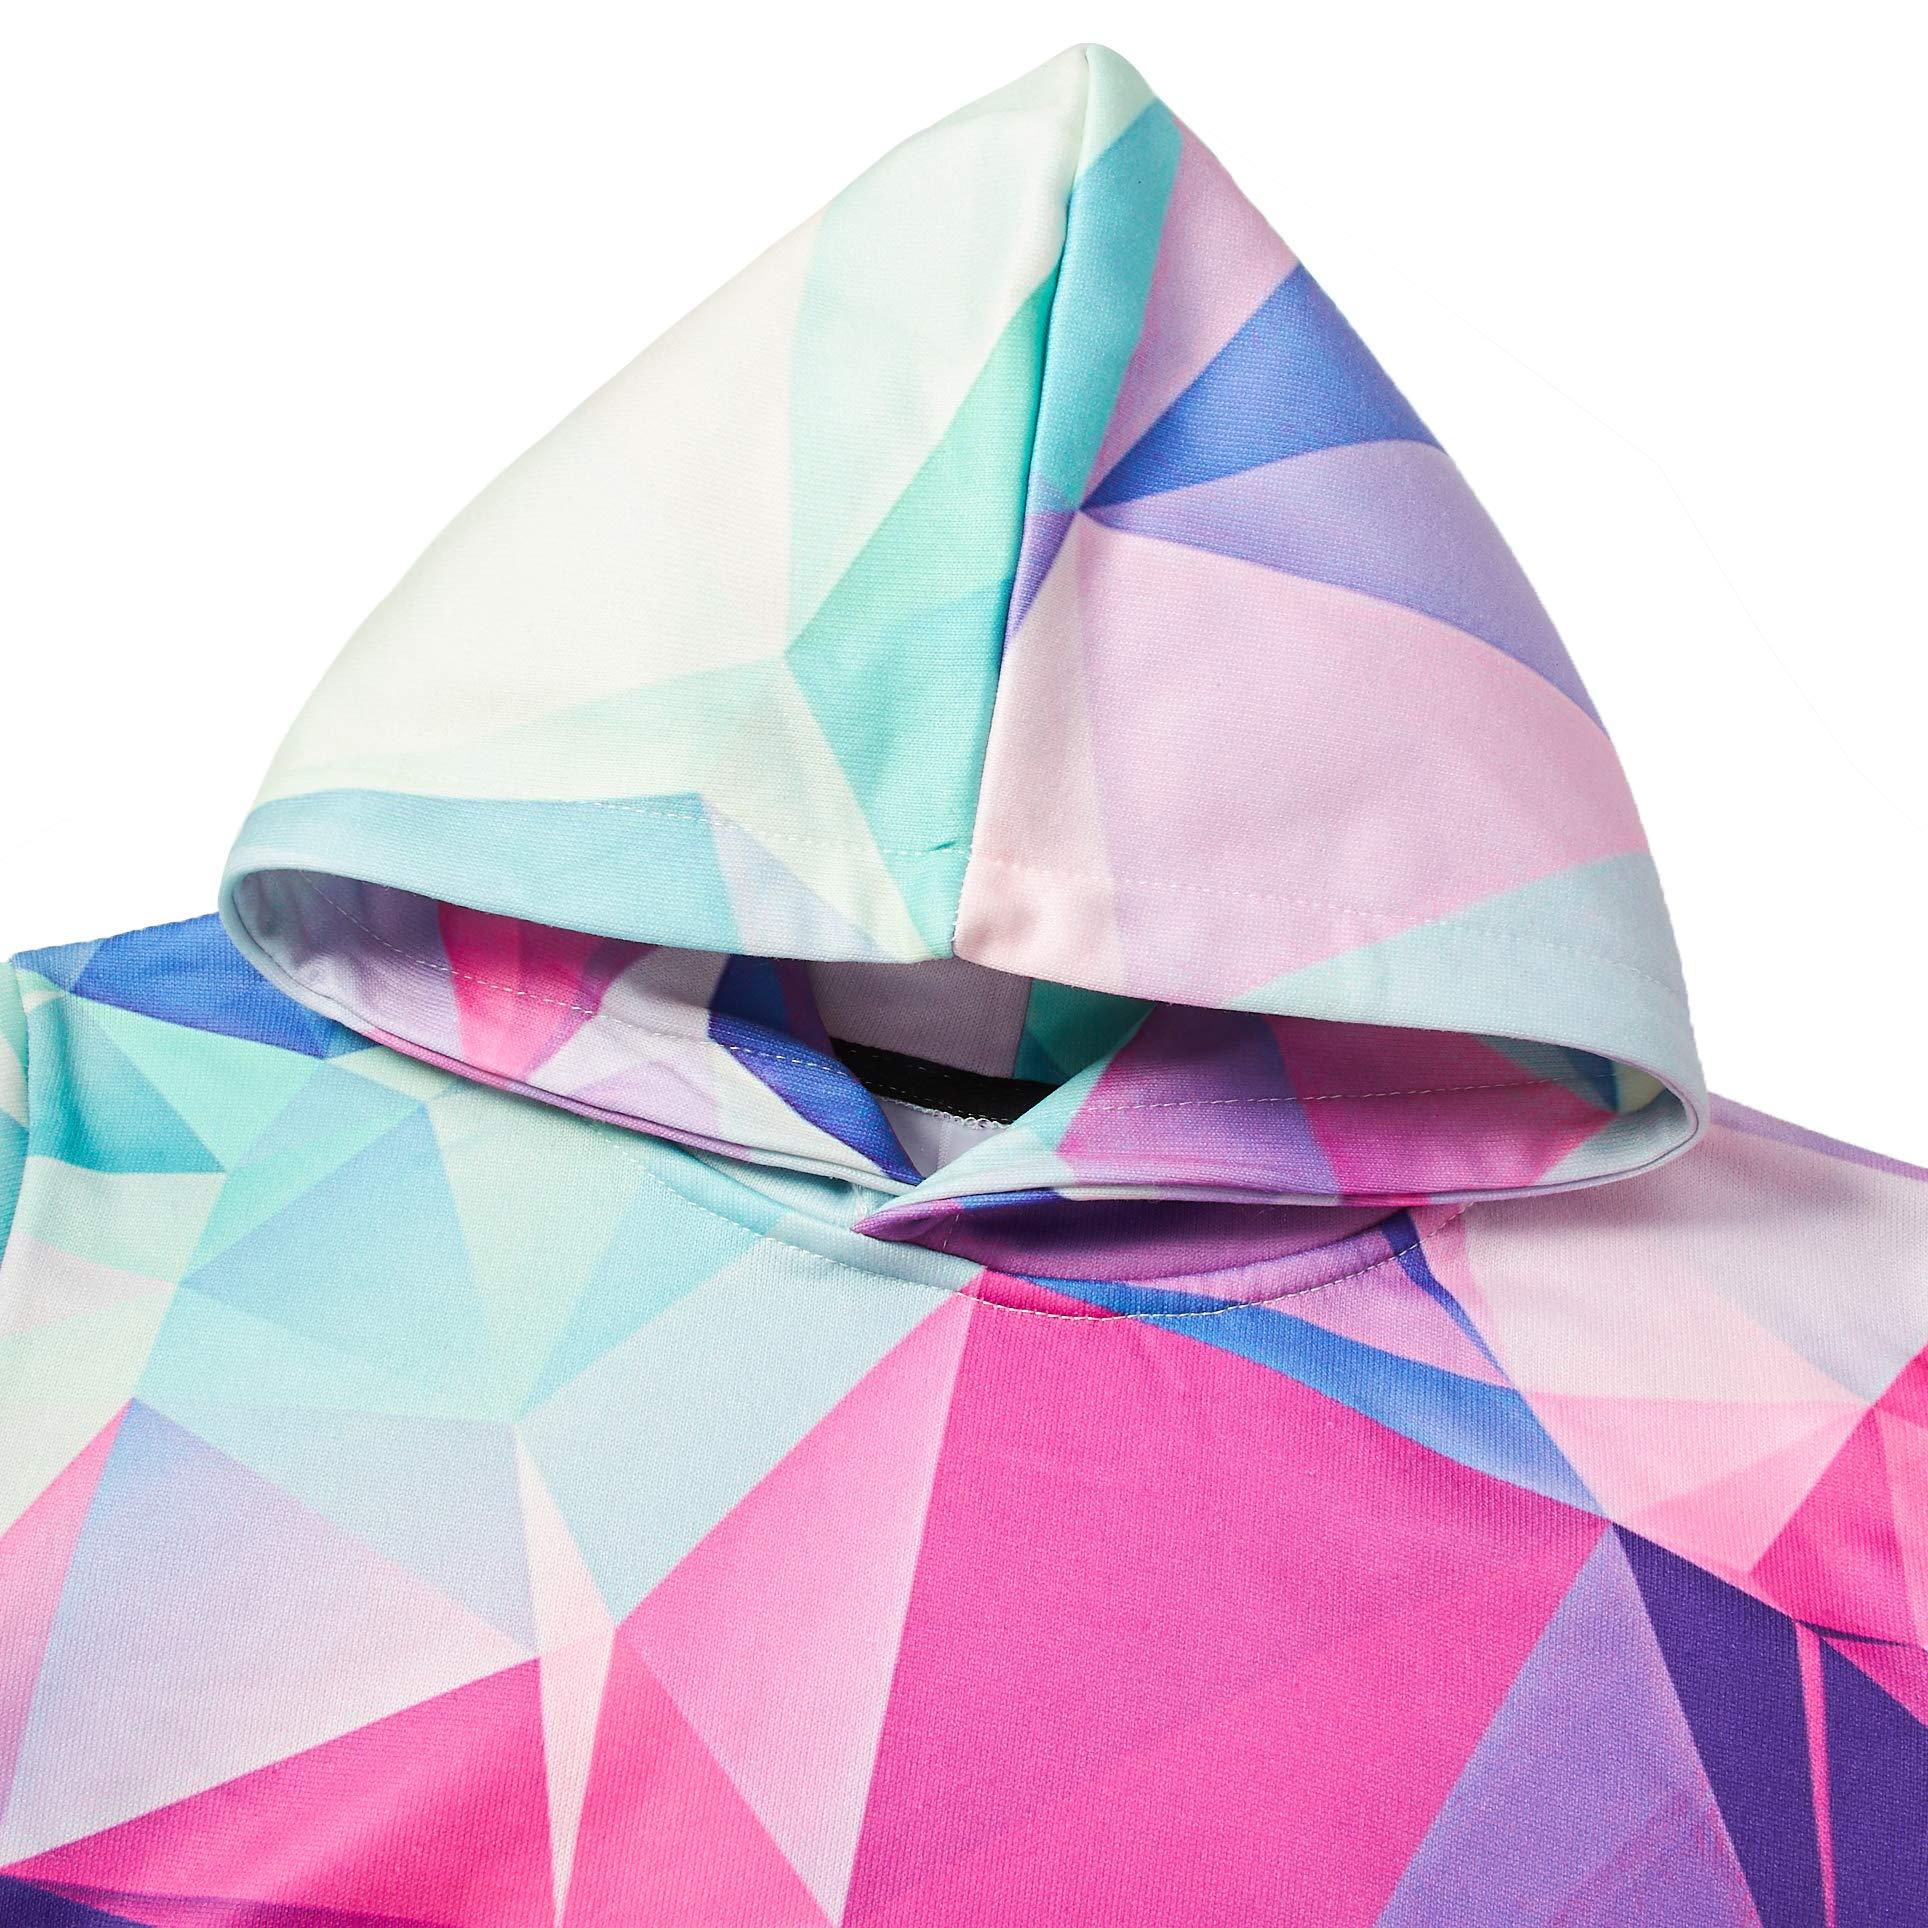 RAISEVERN Pullover per Bambini Ragazzi Unisex Cool 3D Stampato Felpe con Cappuccio Felpe con Cappuccio Coulisse con Grandi Tasche Viola 15t